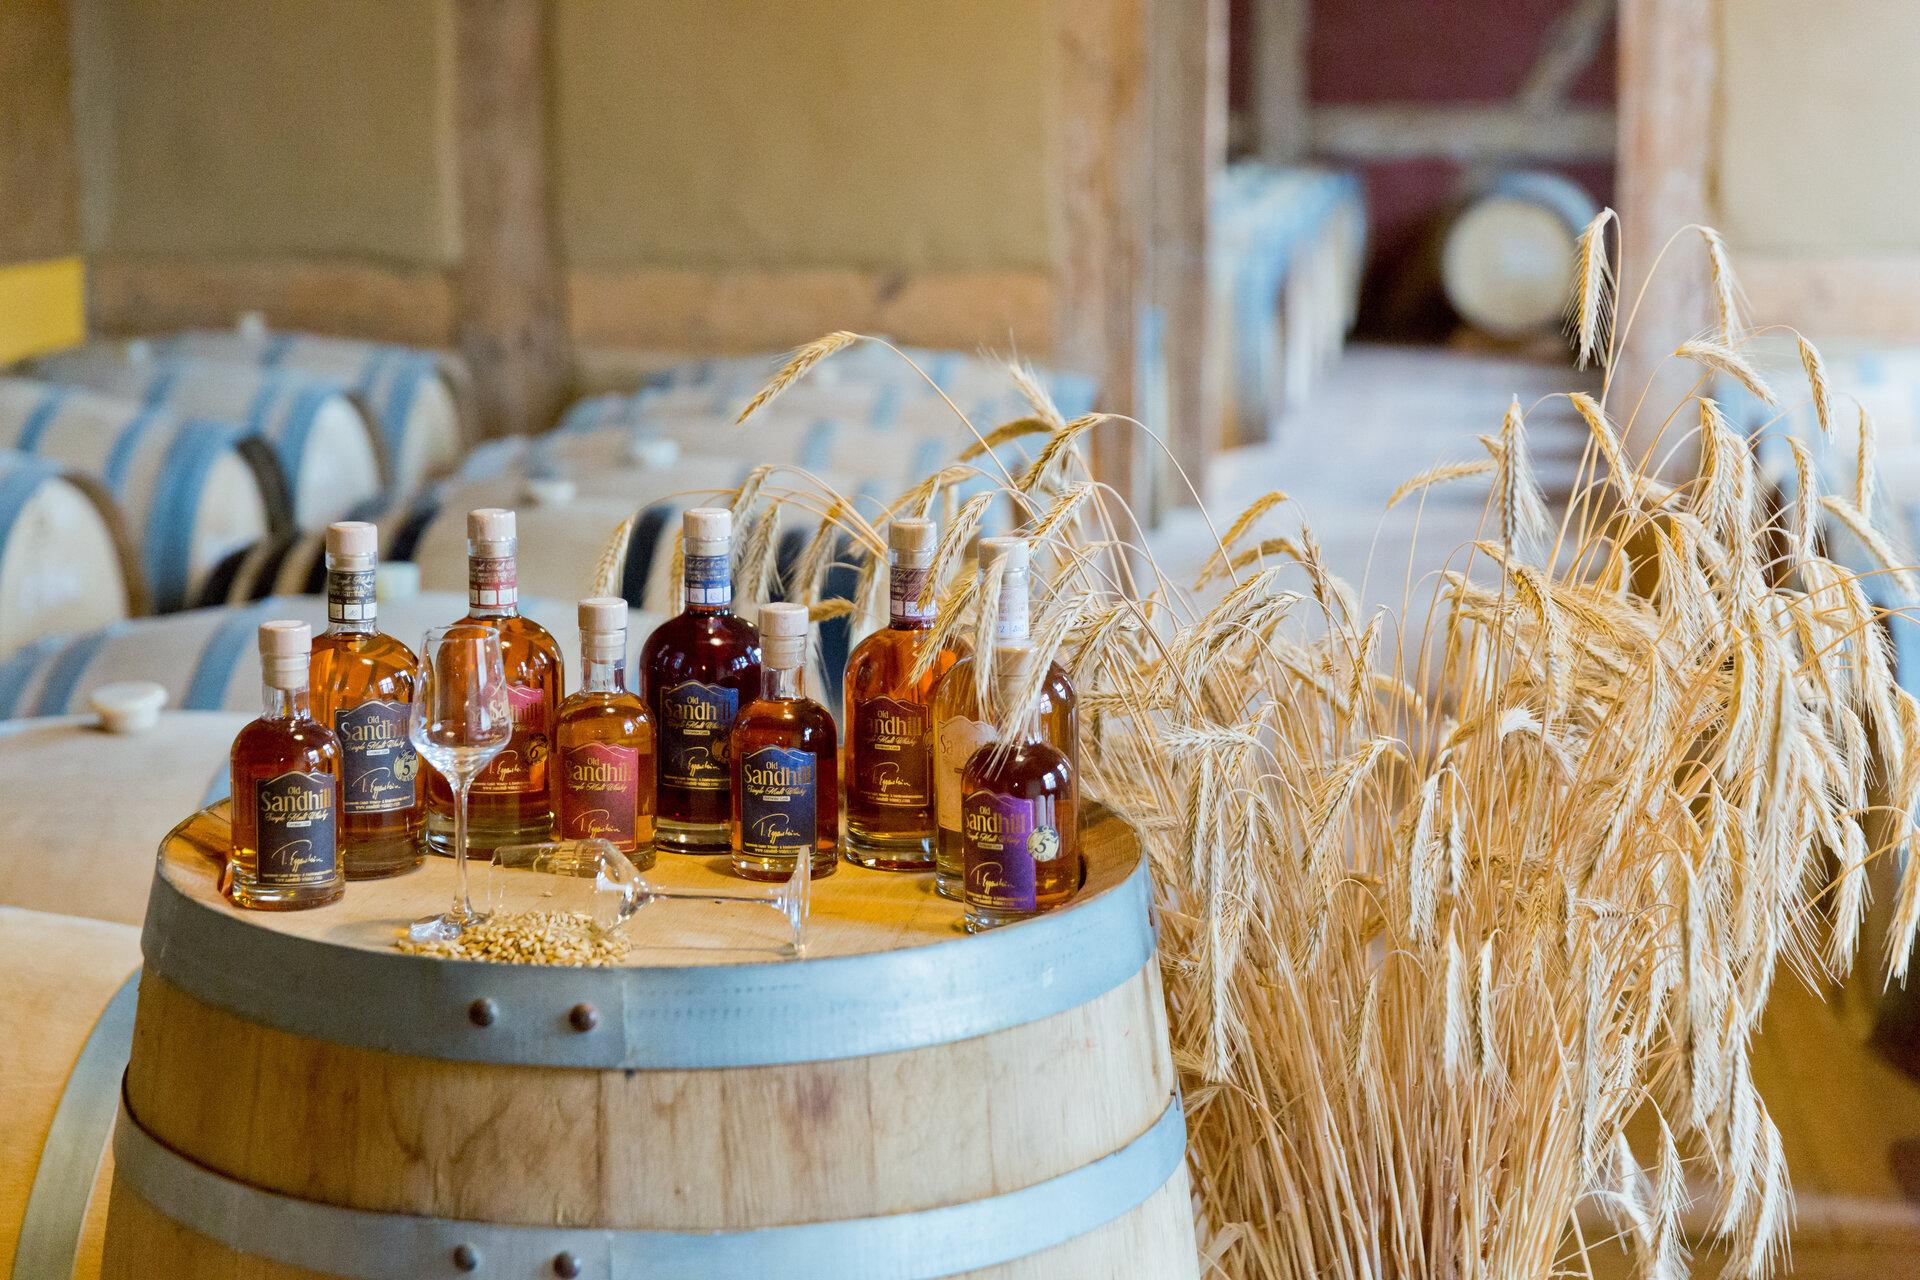 Eggenstein GmbH Whisky- & Edelbrandmanufaktur